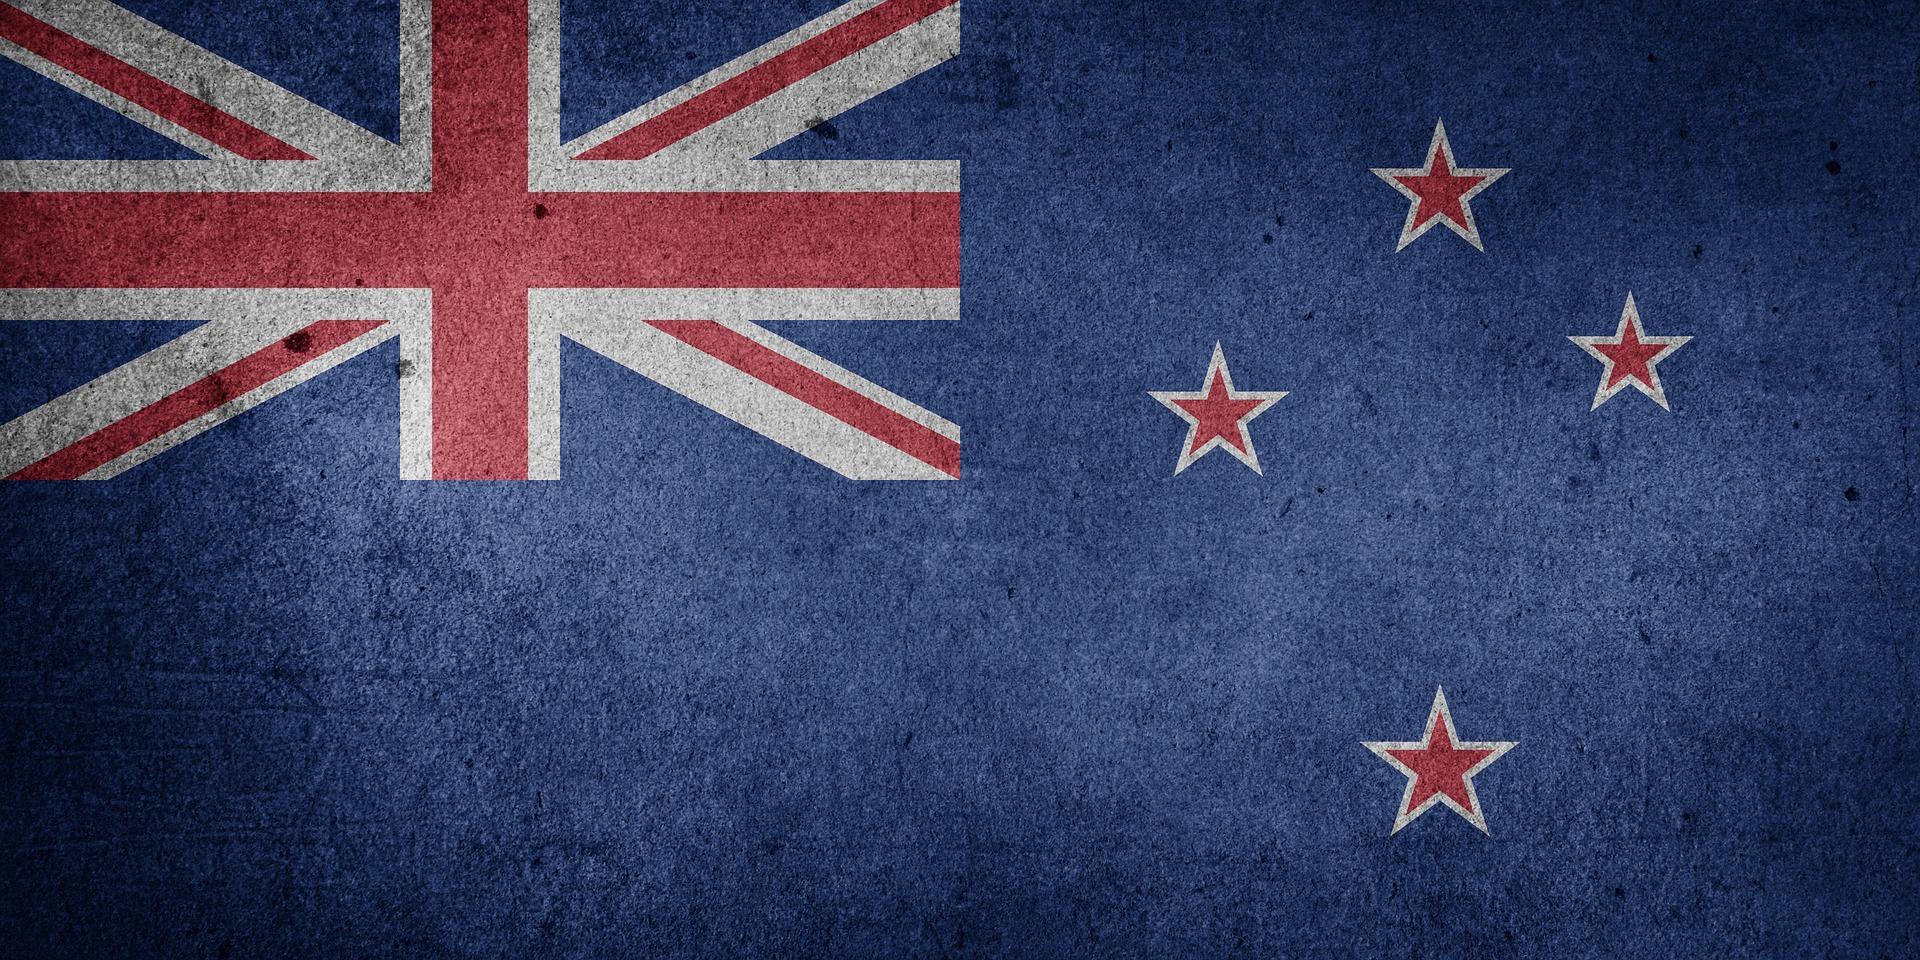 Nový Zéland vysvětluje nedávné změny daňové legislativy